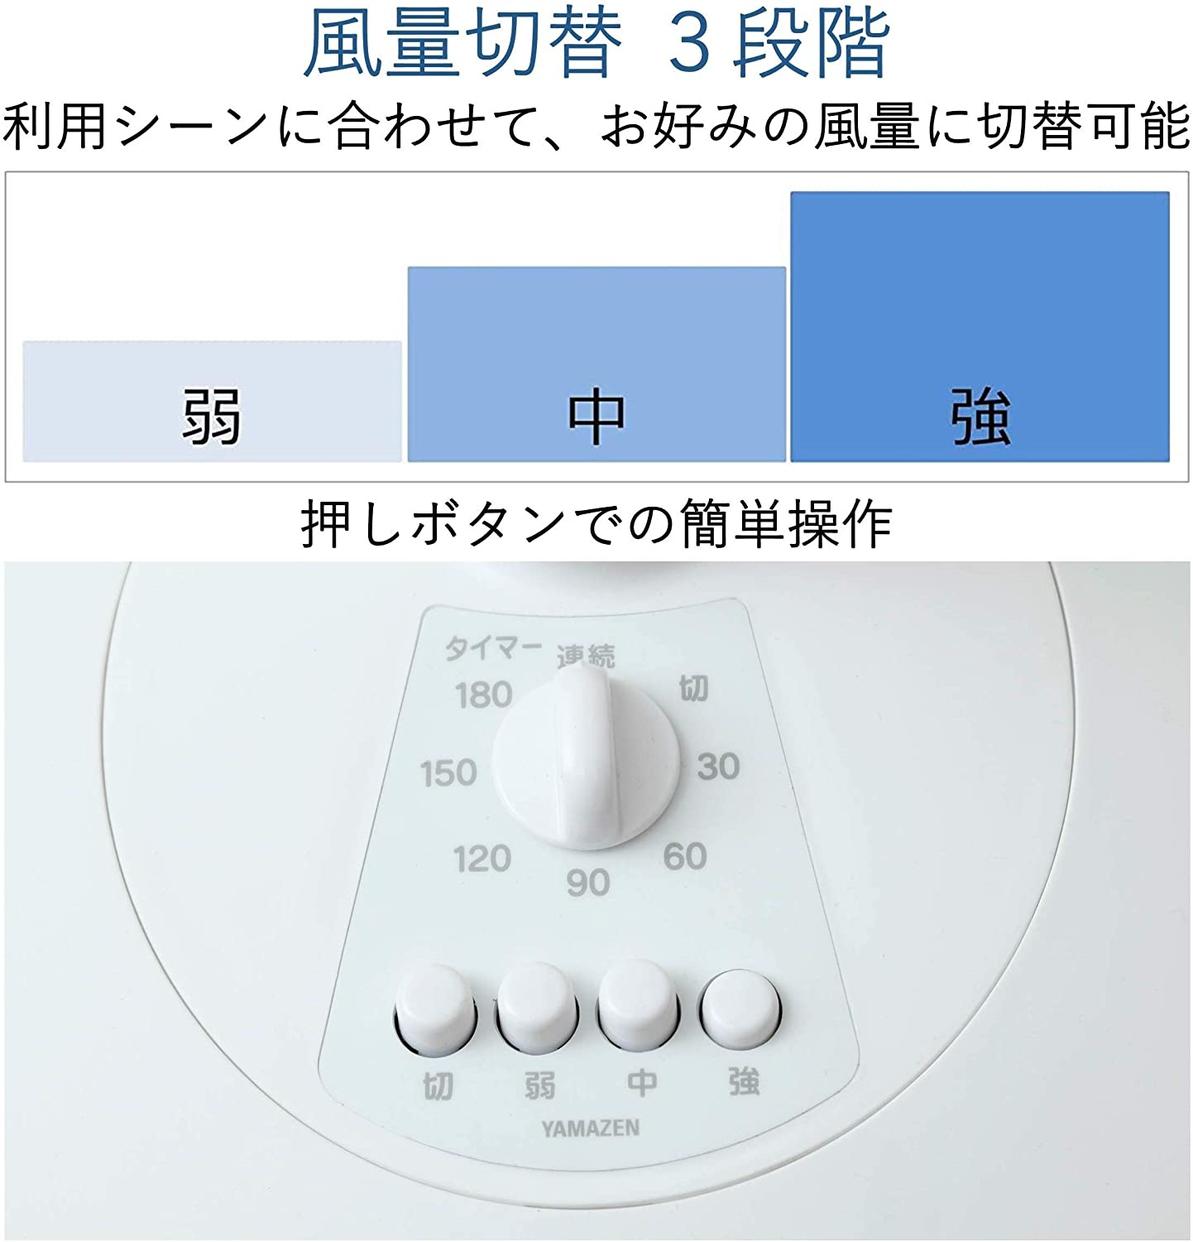 山善(YAMAZEN) 30cmリビング扇風機 YLT-C30の商品画像4